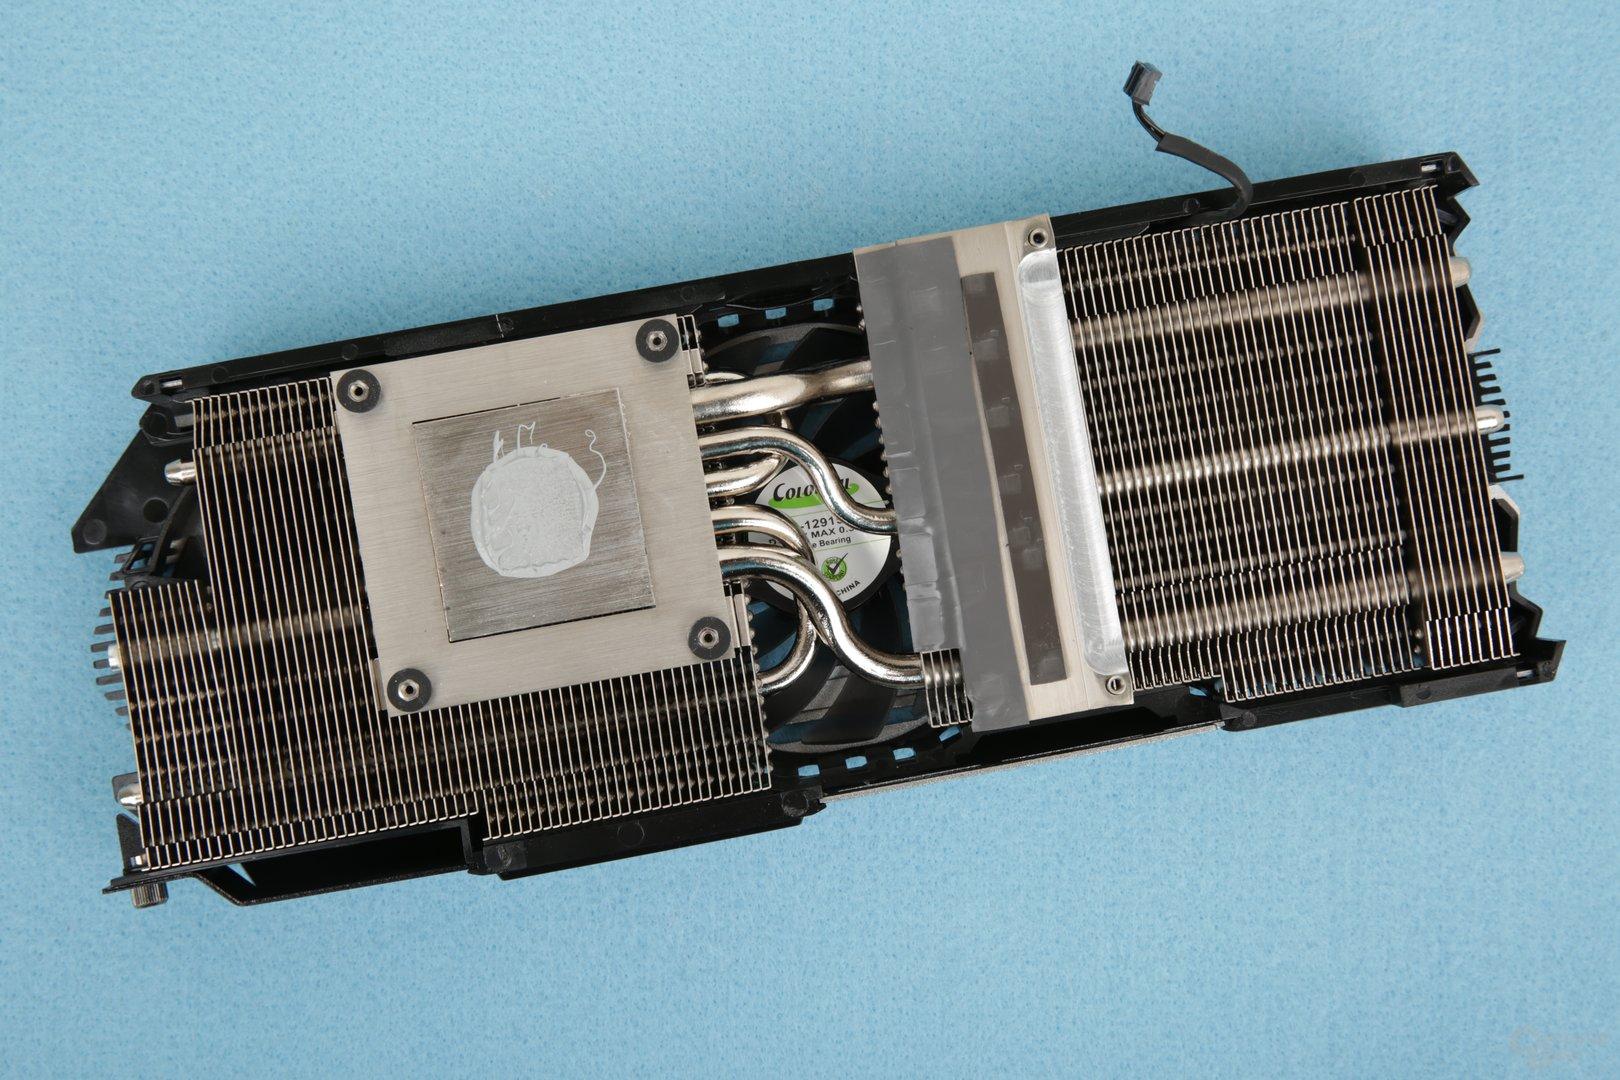 Der Kühler setzt auf fünf Heatpipes und zwei Wärmetauscher aus Alu